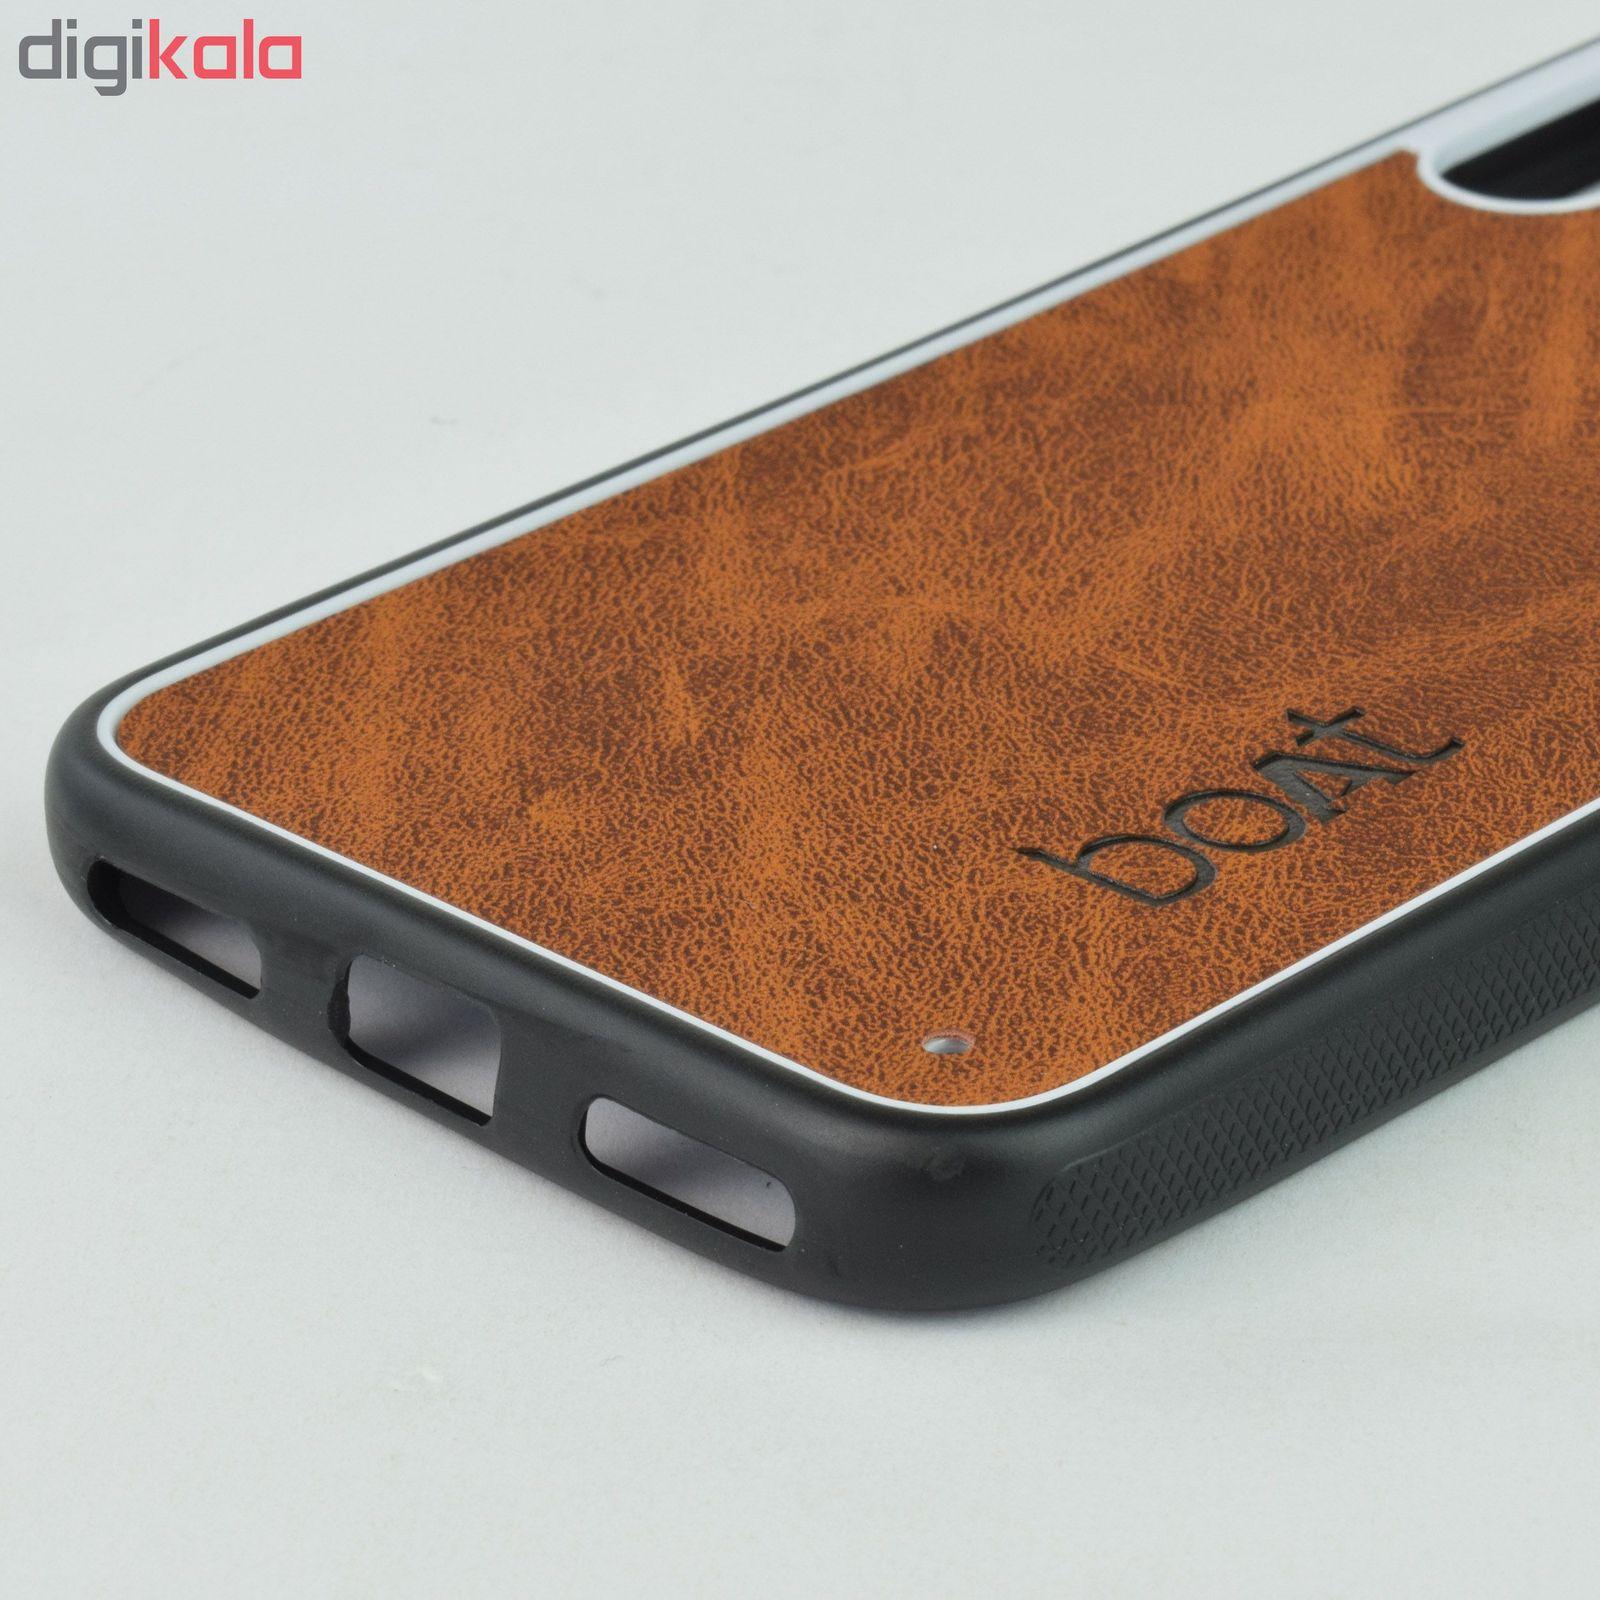 کاور مدل BT10 مناسب برای گوشی موبایل هوآوی Y6Prime 2019 main 1 7